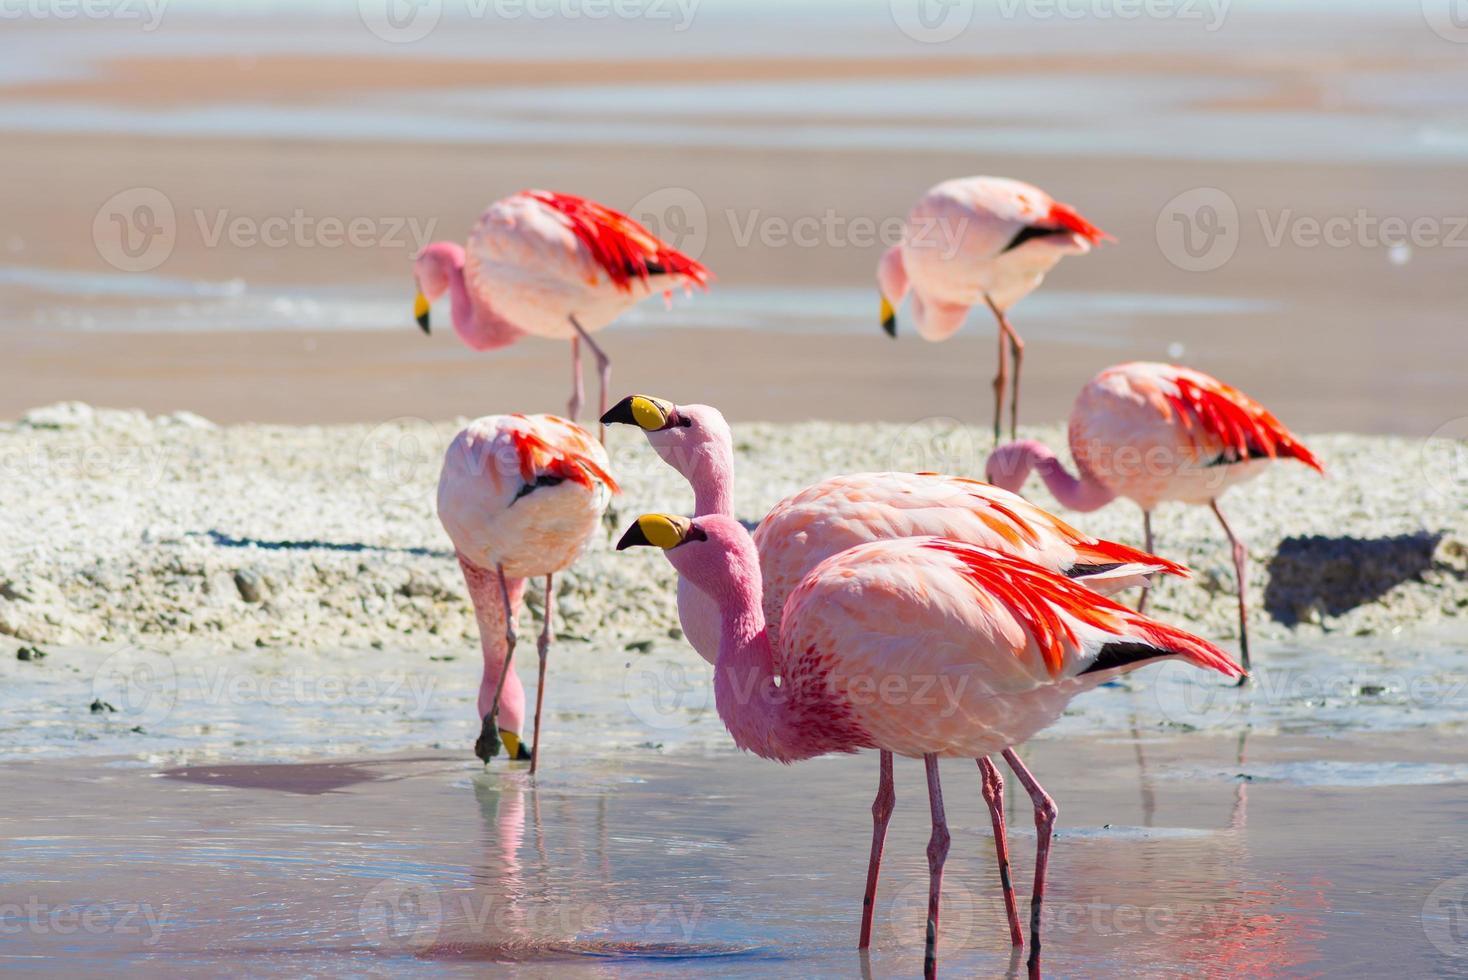 """fenicotteri rosa a """"laguna hedionda"""" sulle Ande boliviane foto"""